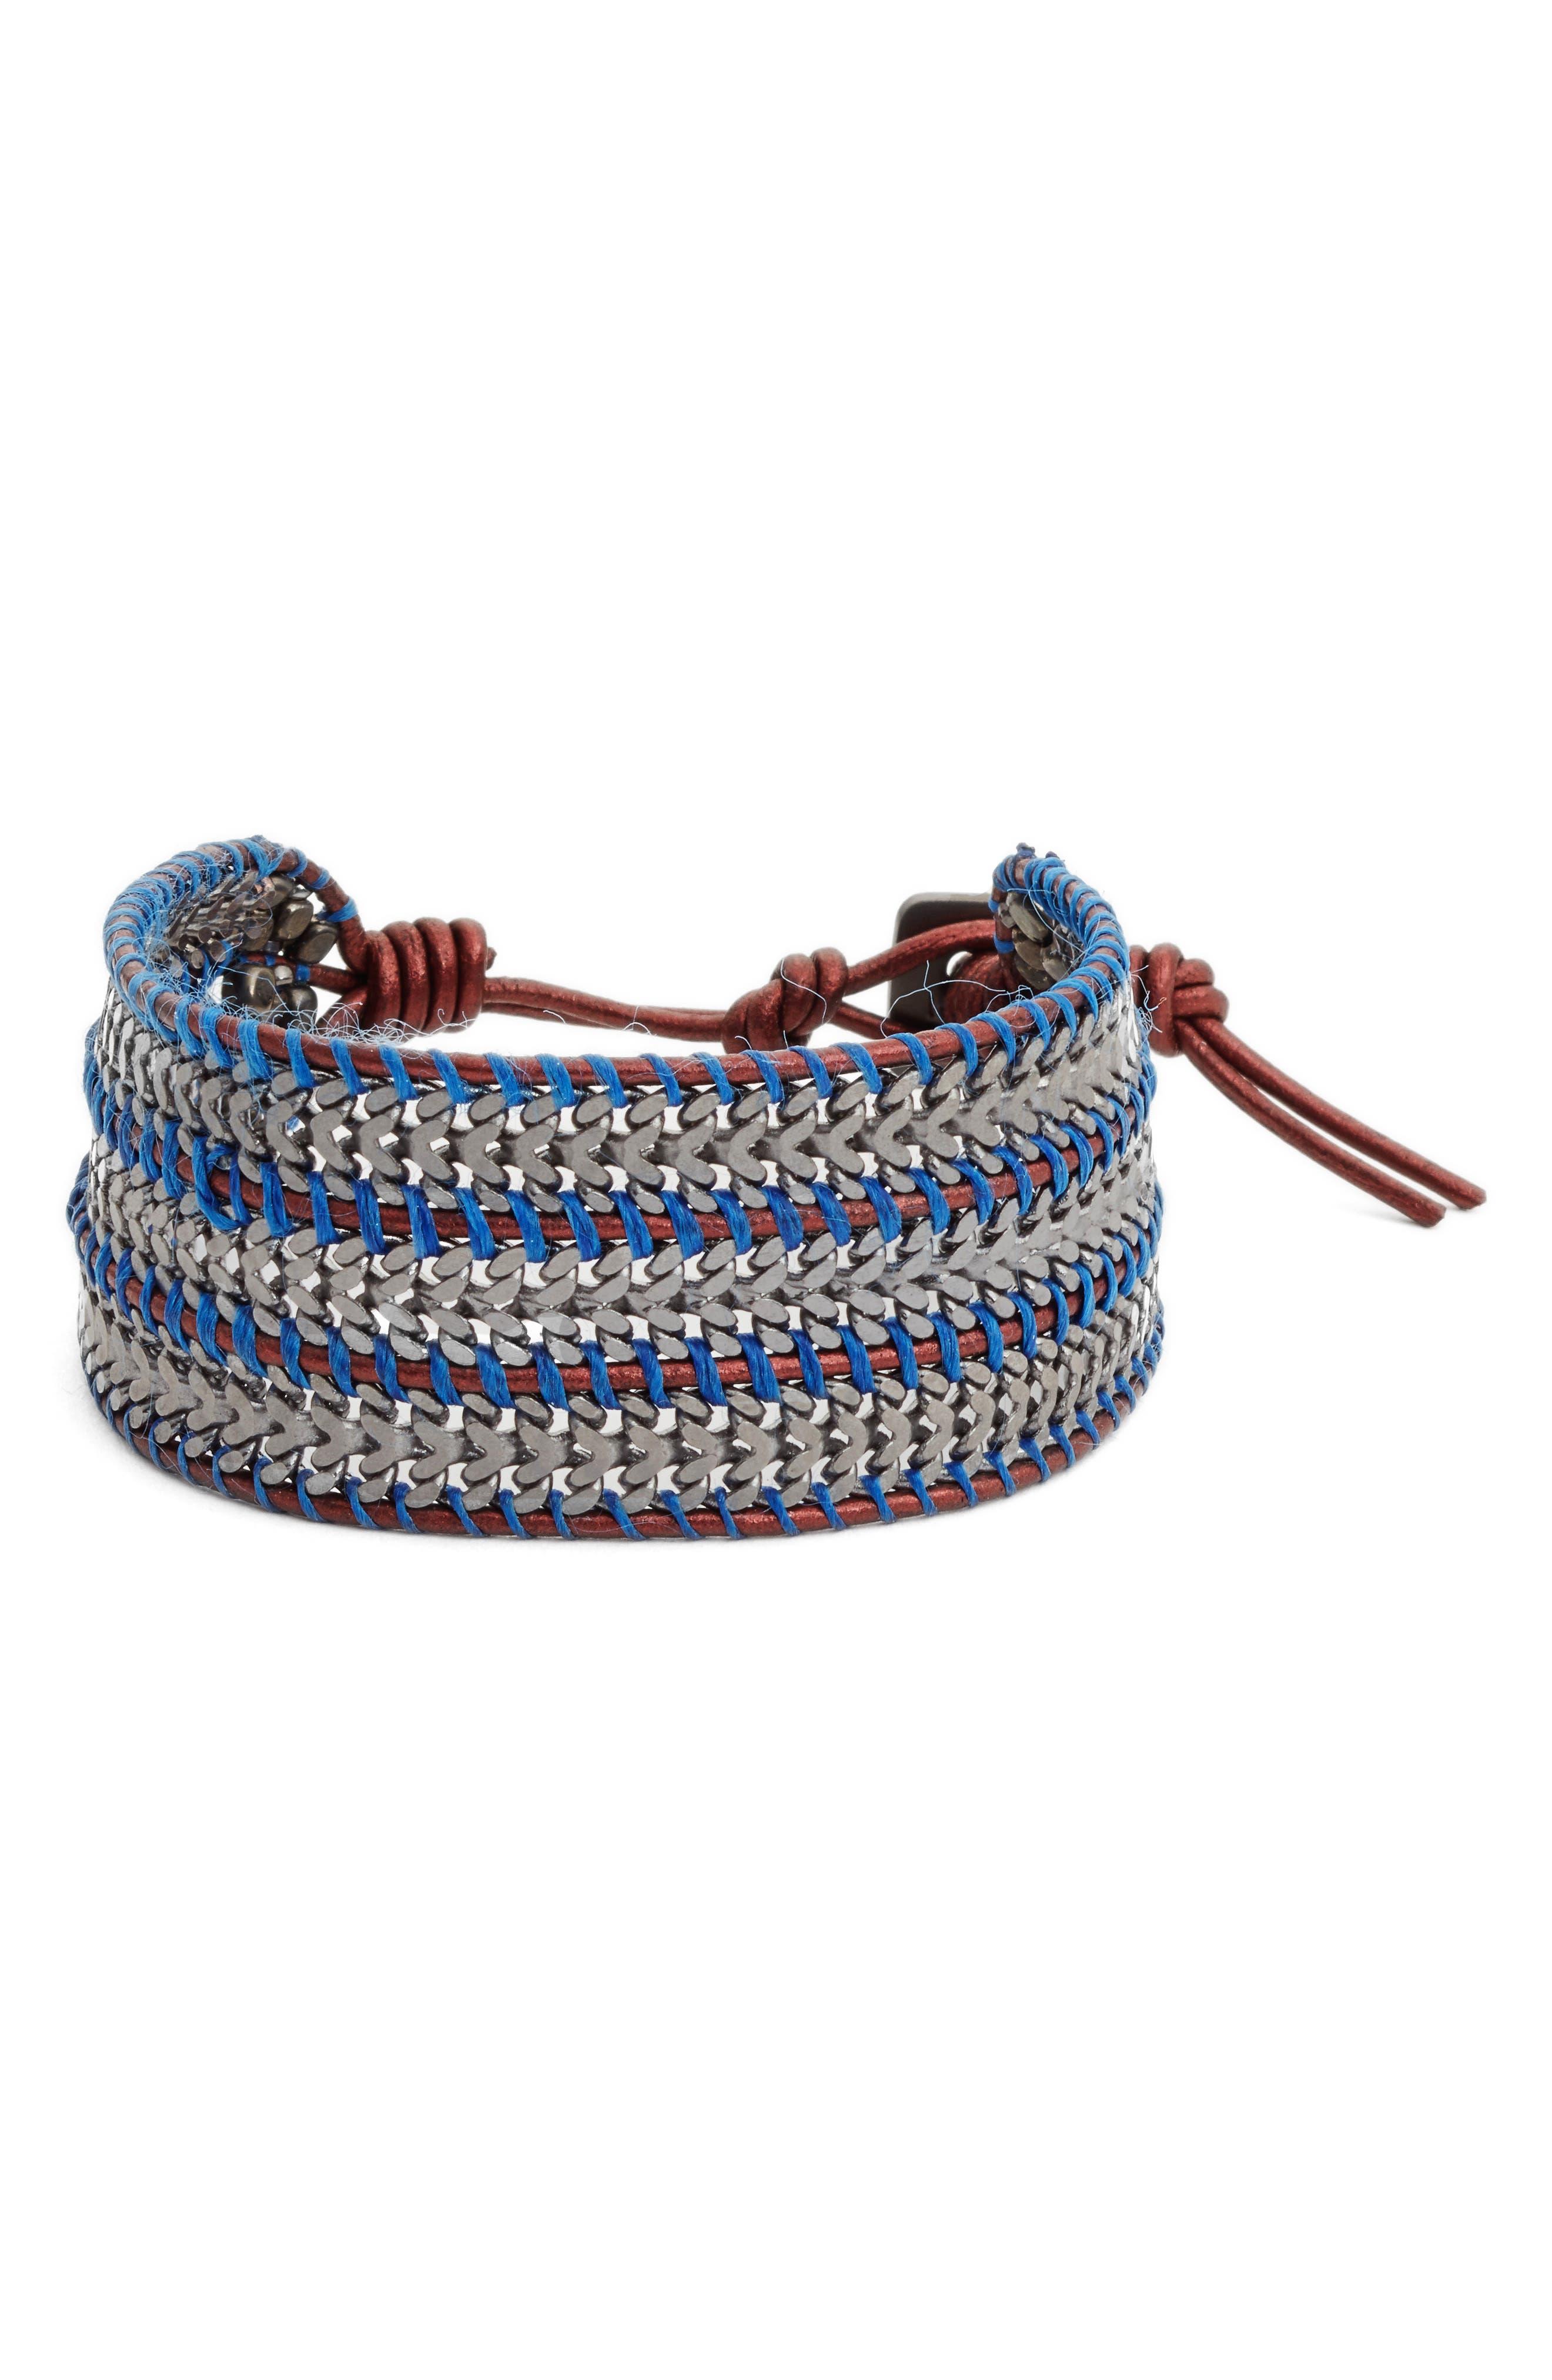 Trush Chain & Leather Bracelet,                         Main,                         color, 040